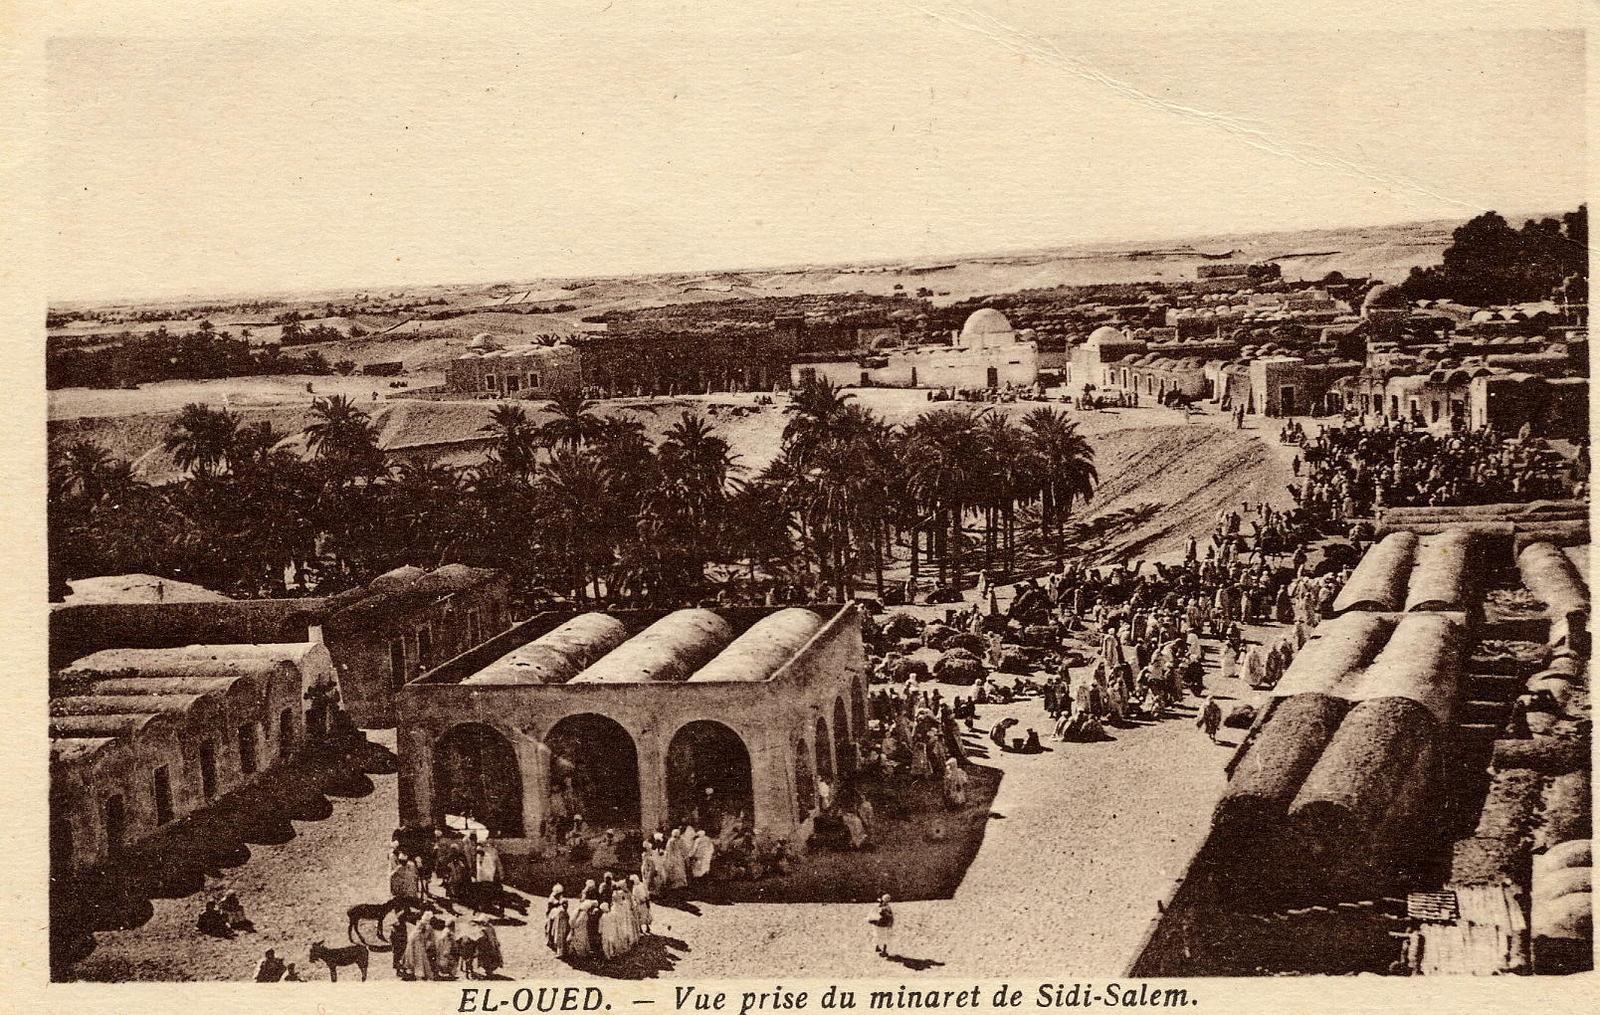 Biskra -  Vue du minaret  Sidi-Salem à El-oued Biskra Algérie.